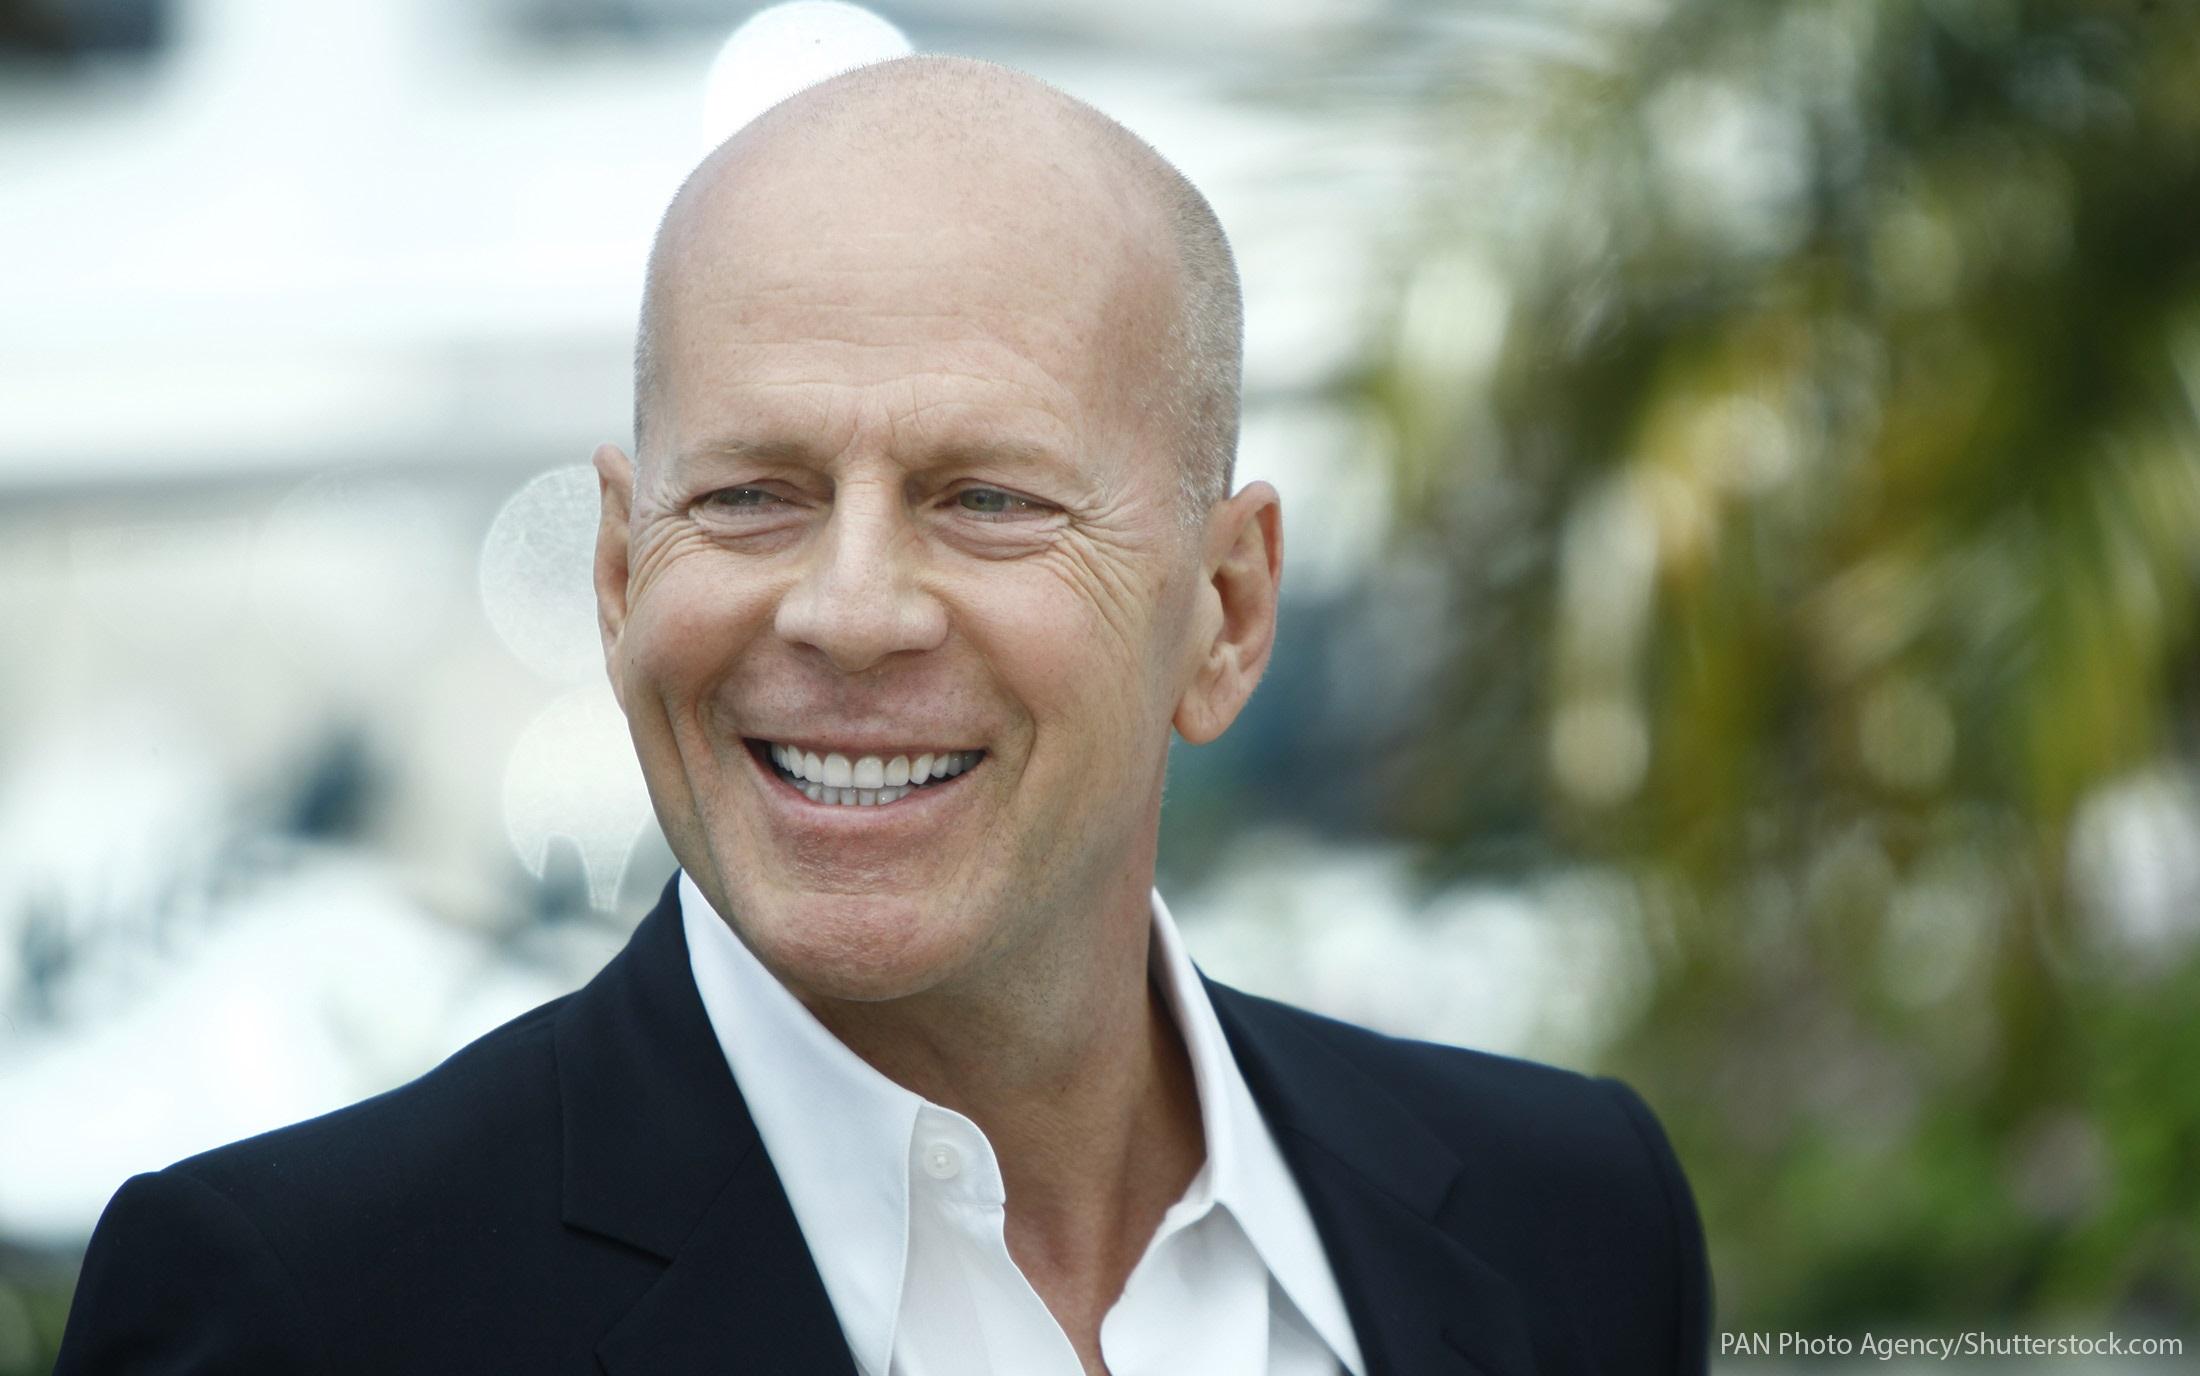 Bruce Willis career